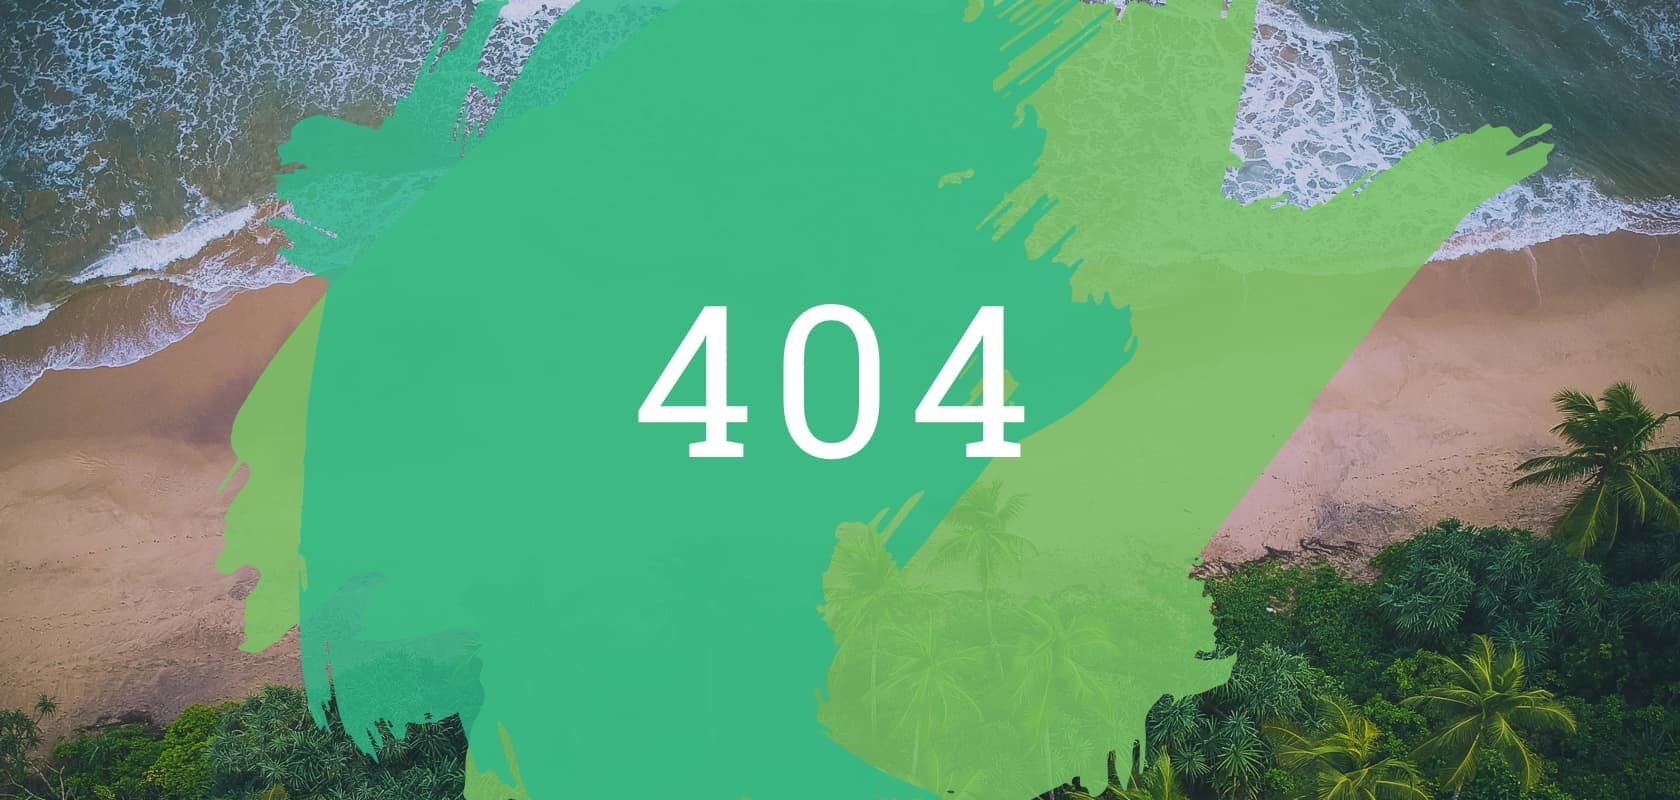 exsplore-404